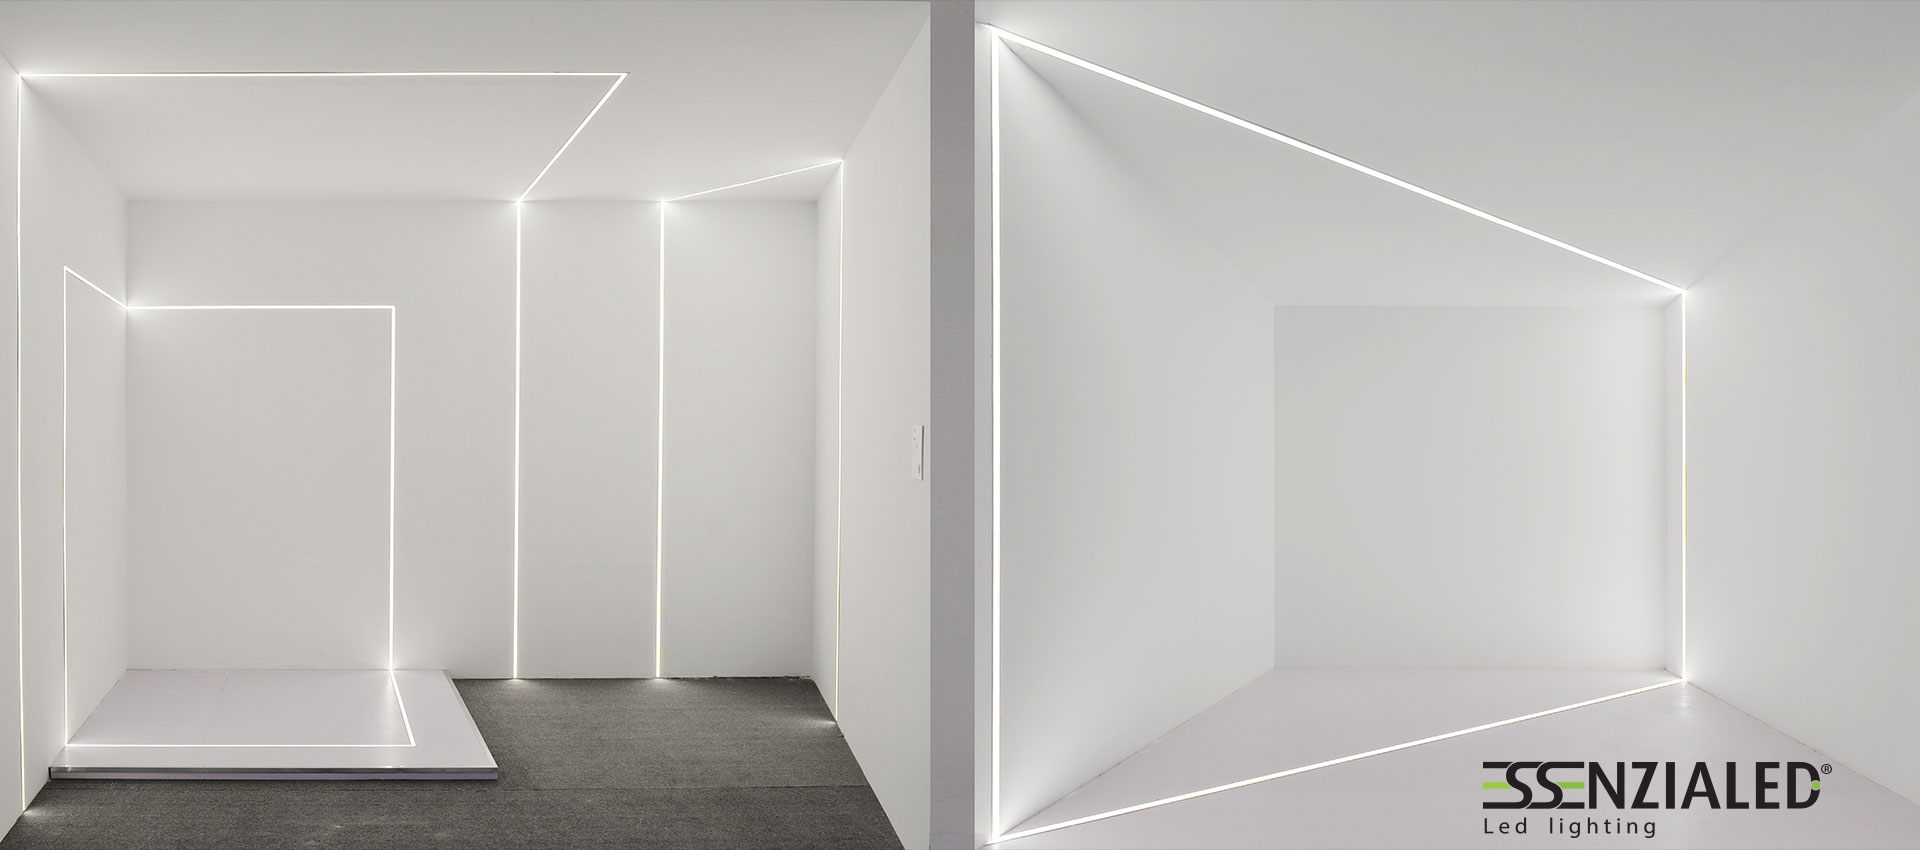 Inside tagli di luce cartongesso a led su misuraessenzialed illuminazione a led - Luci da parete led ...